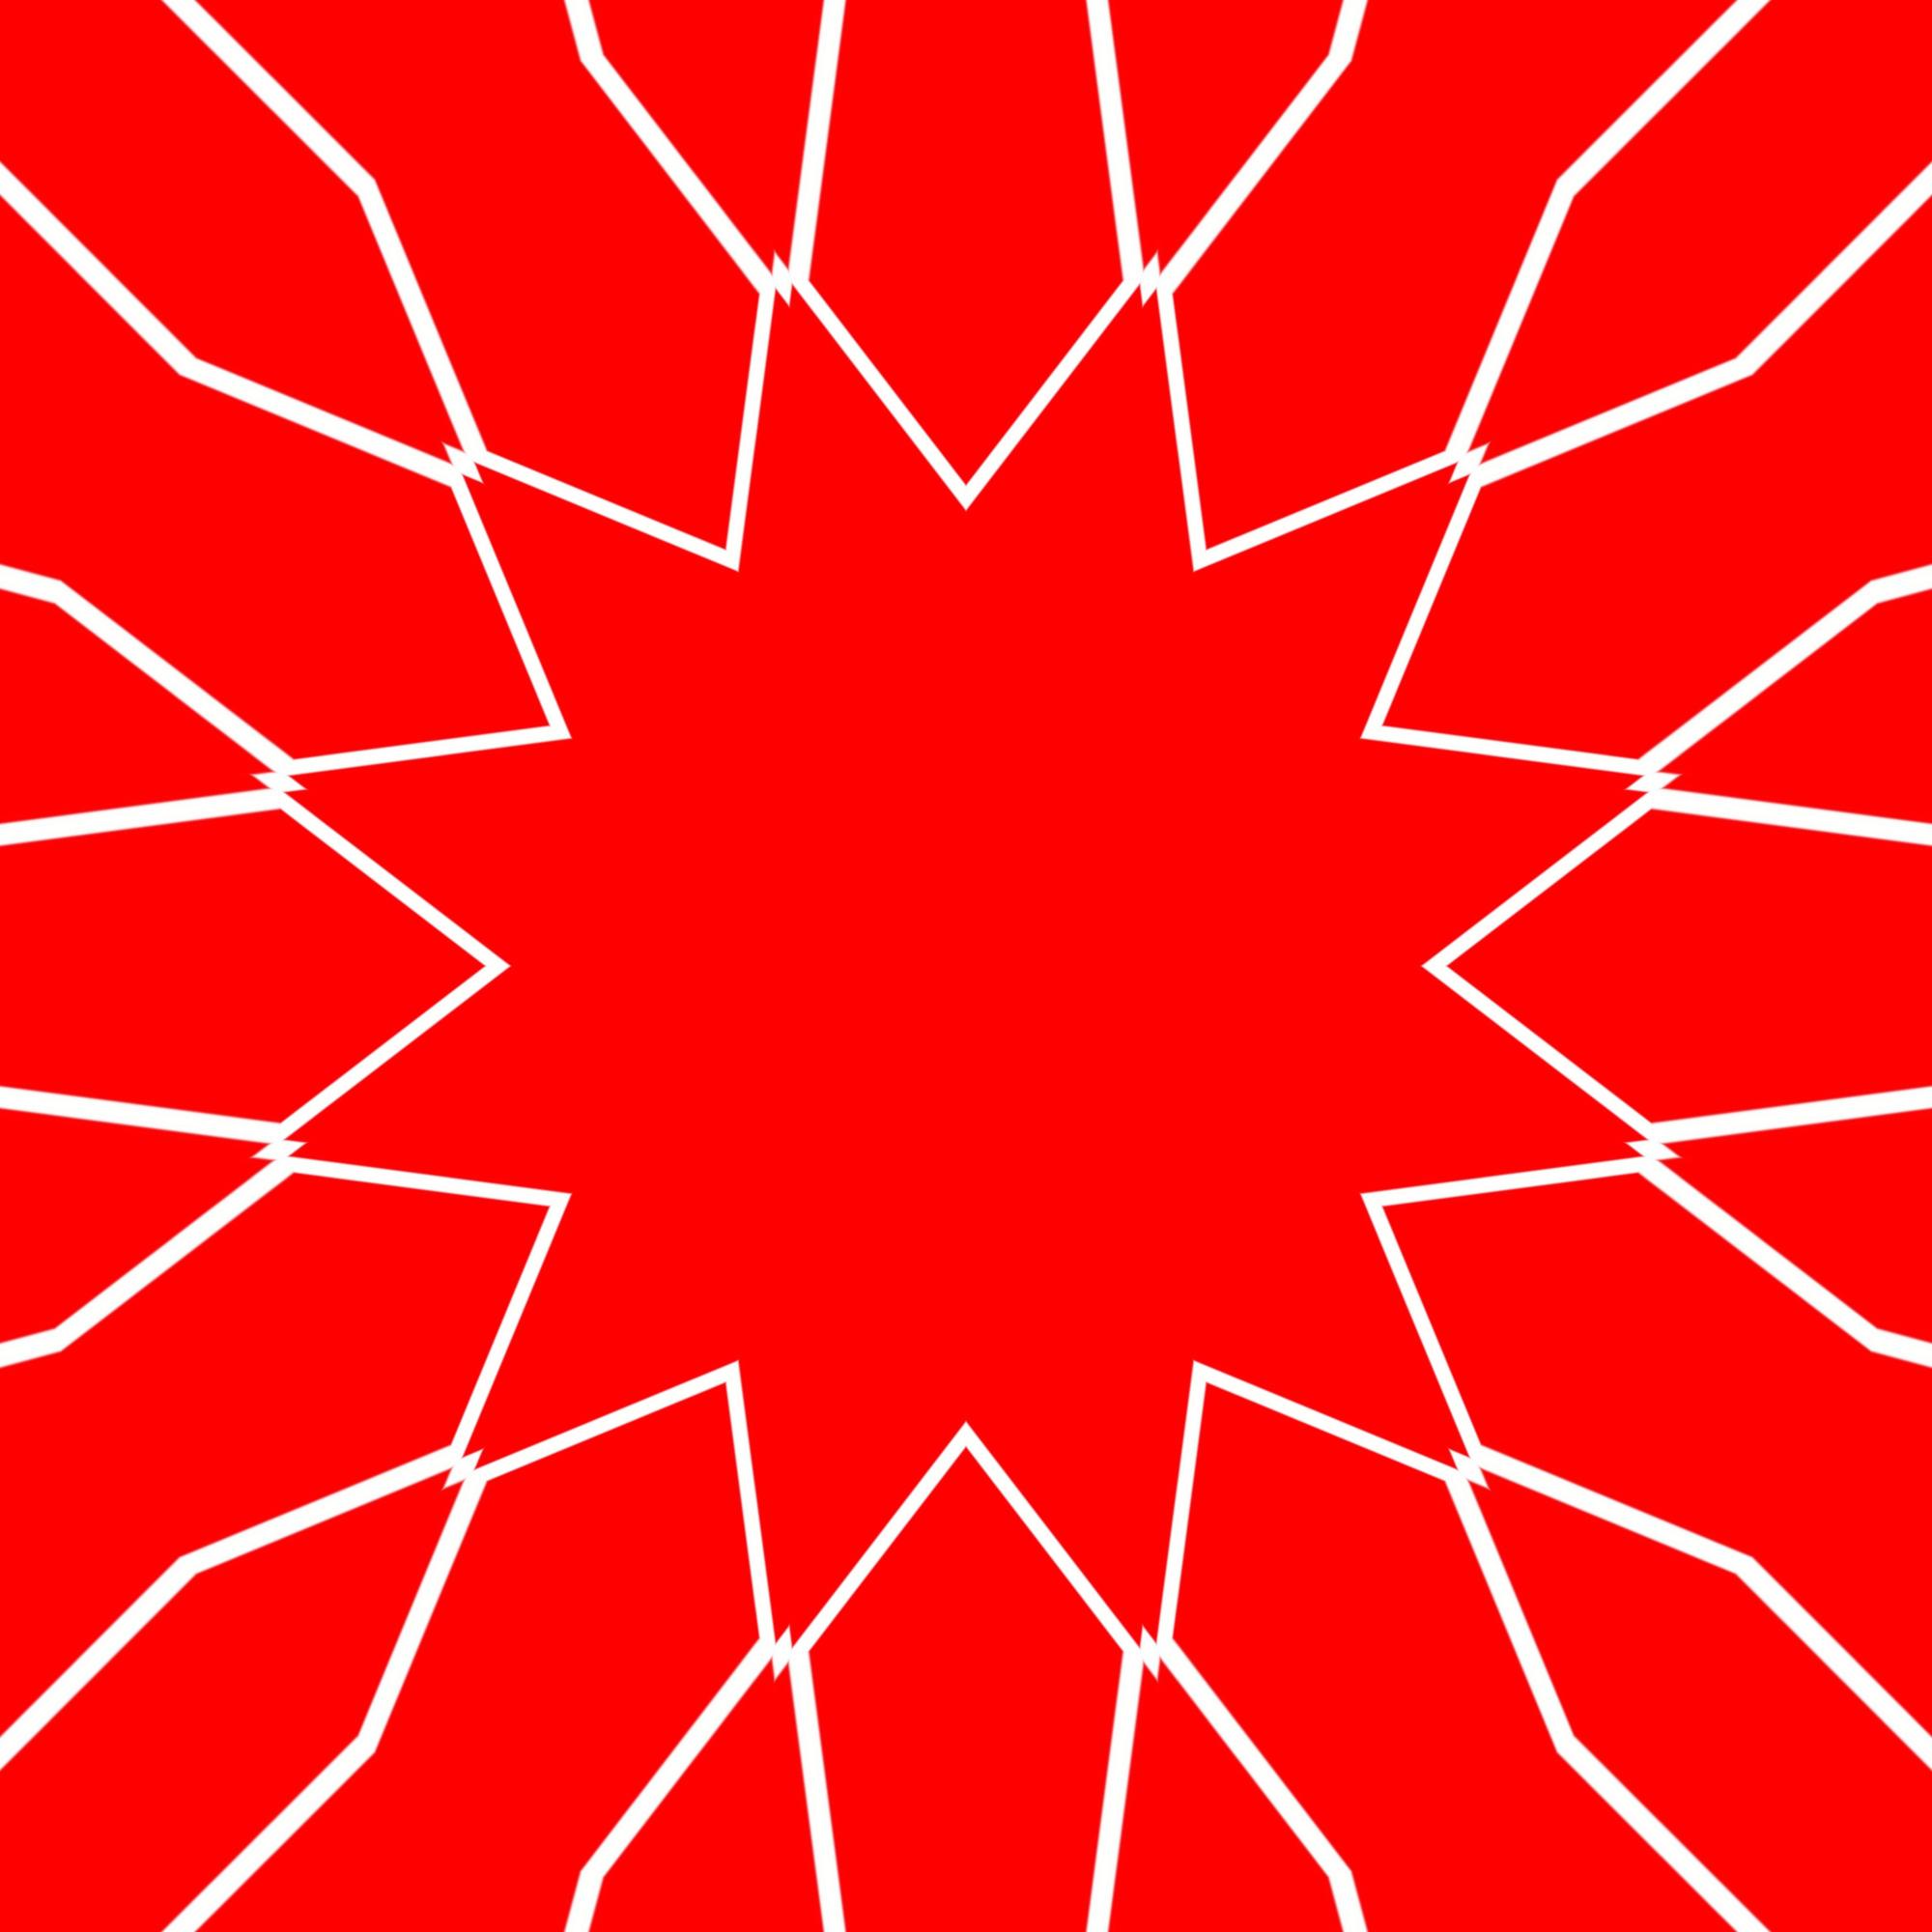 Sparks 21